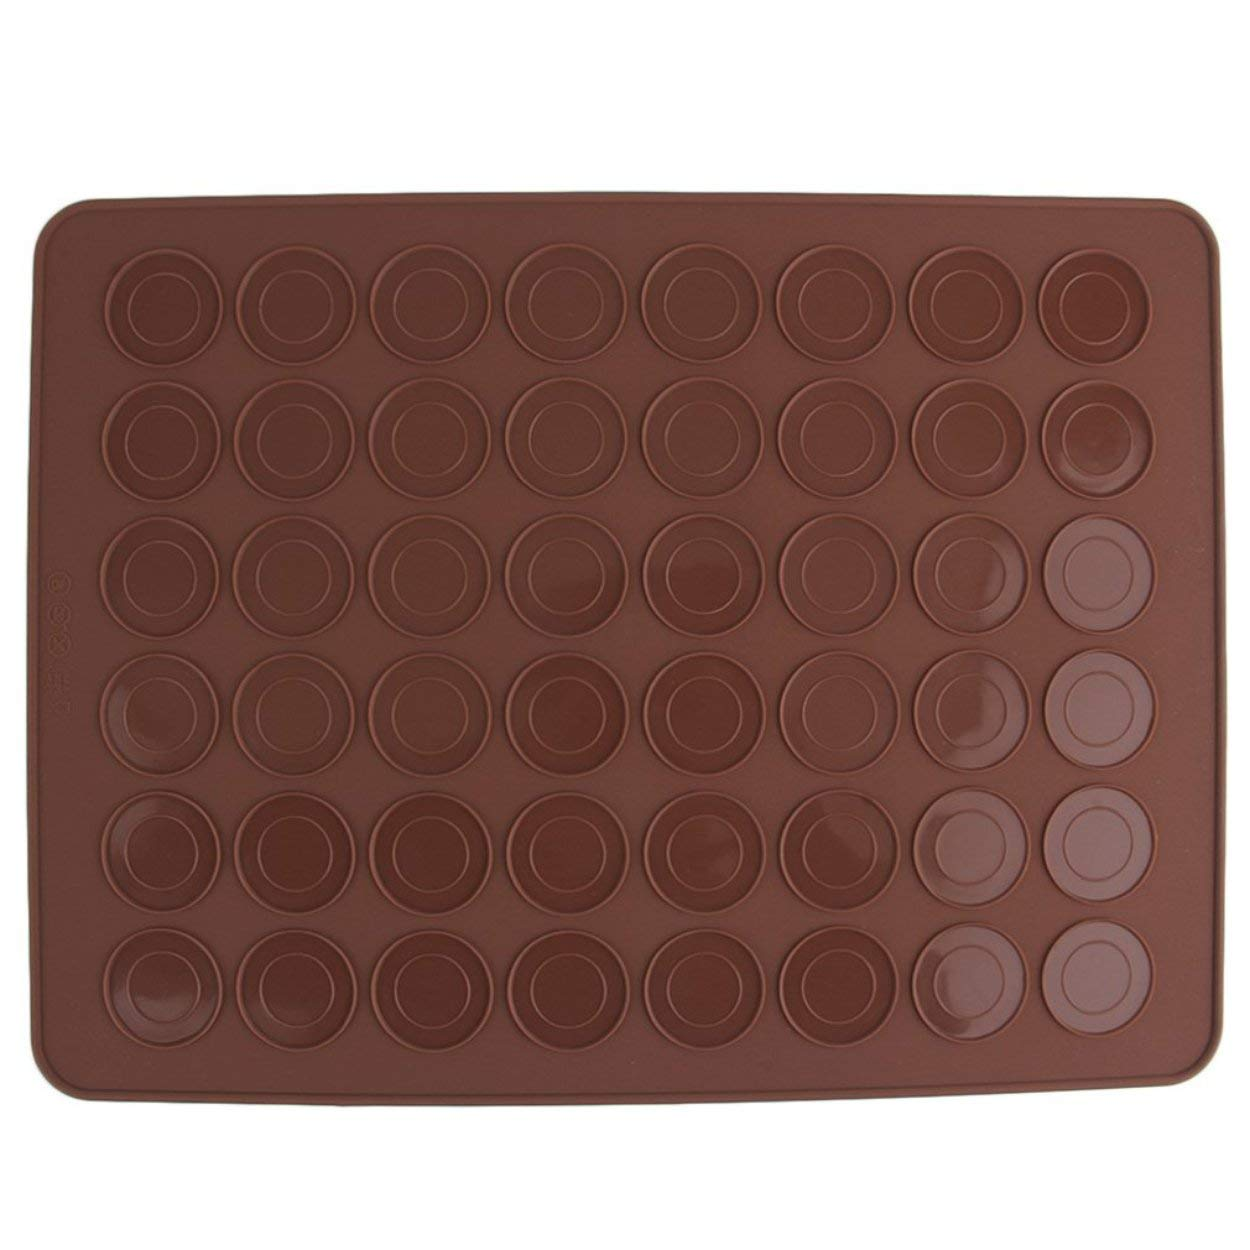 Lorenlli 1 UNID 48 Macaron Mat Silicona Molde Molde Para Hornear Pasteler/ía Hornear Estera Hoja Muffin Bandeja Reutilizable Utensilios de Cocina Utensilios de Cocina Accesorios